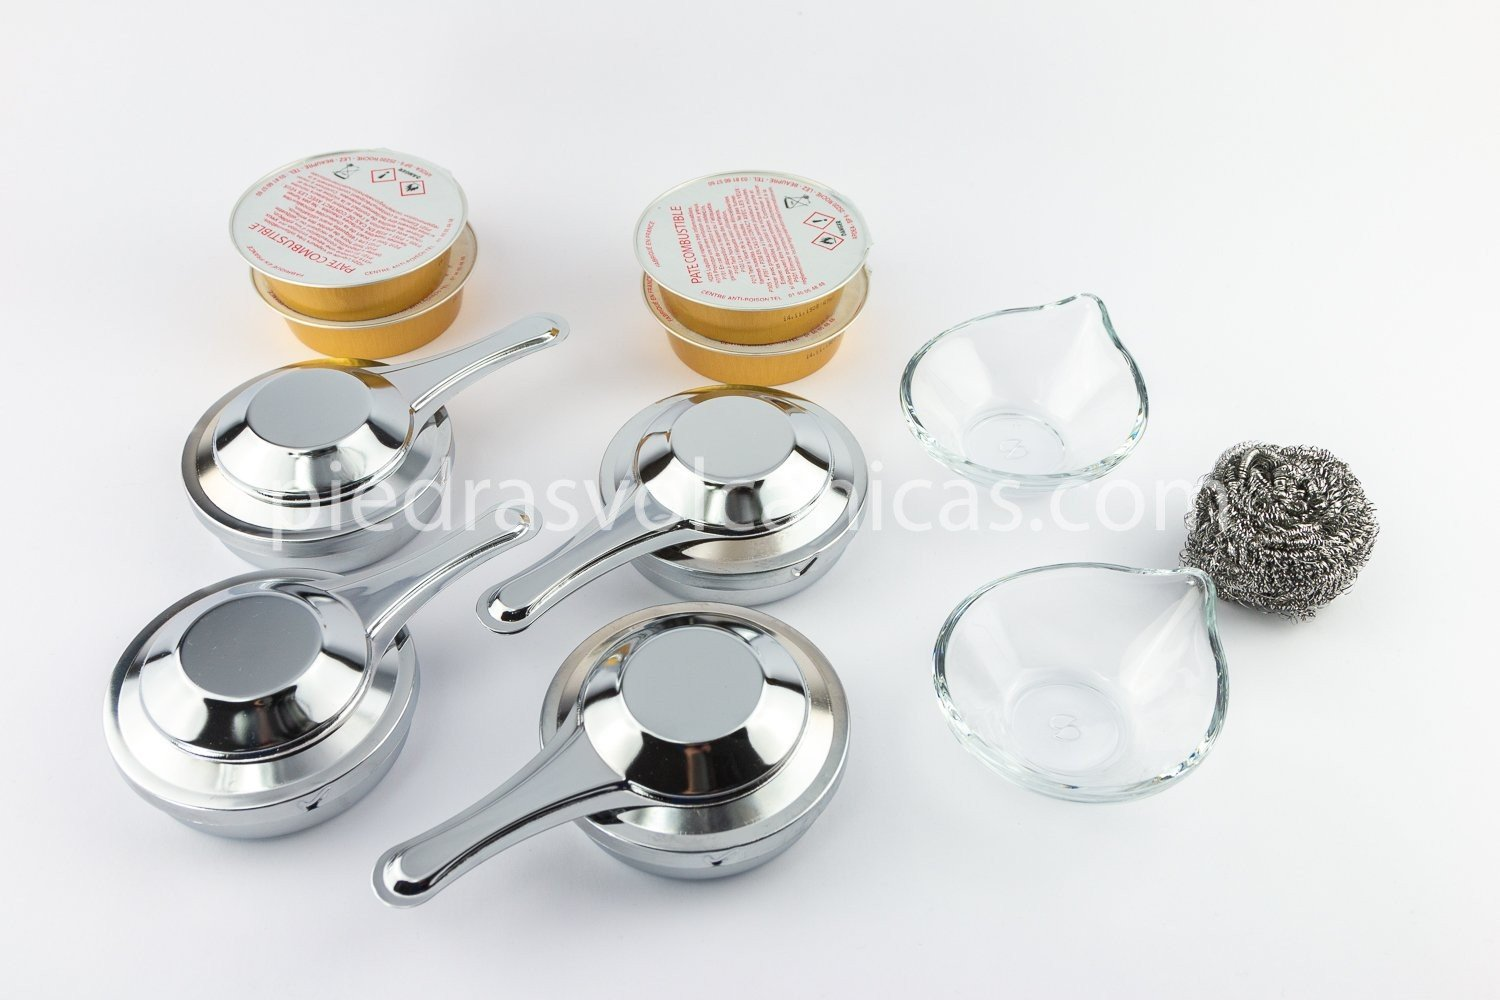 quemadores alcohol gel R1A163 - Piedra asar Volcánica 30×25 2cm + bandeja y soporte inox + 4 quemadores alcohol abiertos + 4 tarrinas de gel + estropajo + 2 salseros